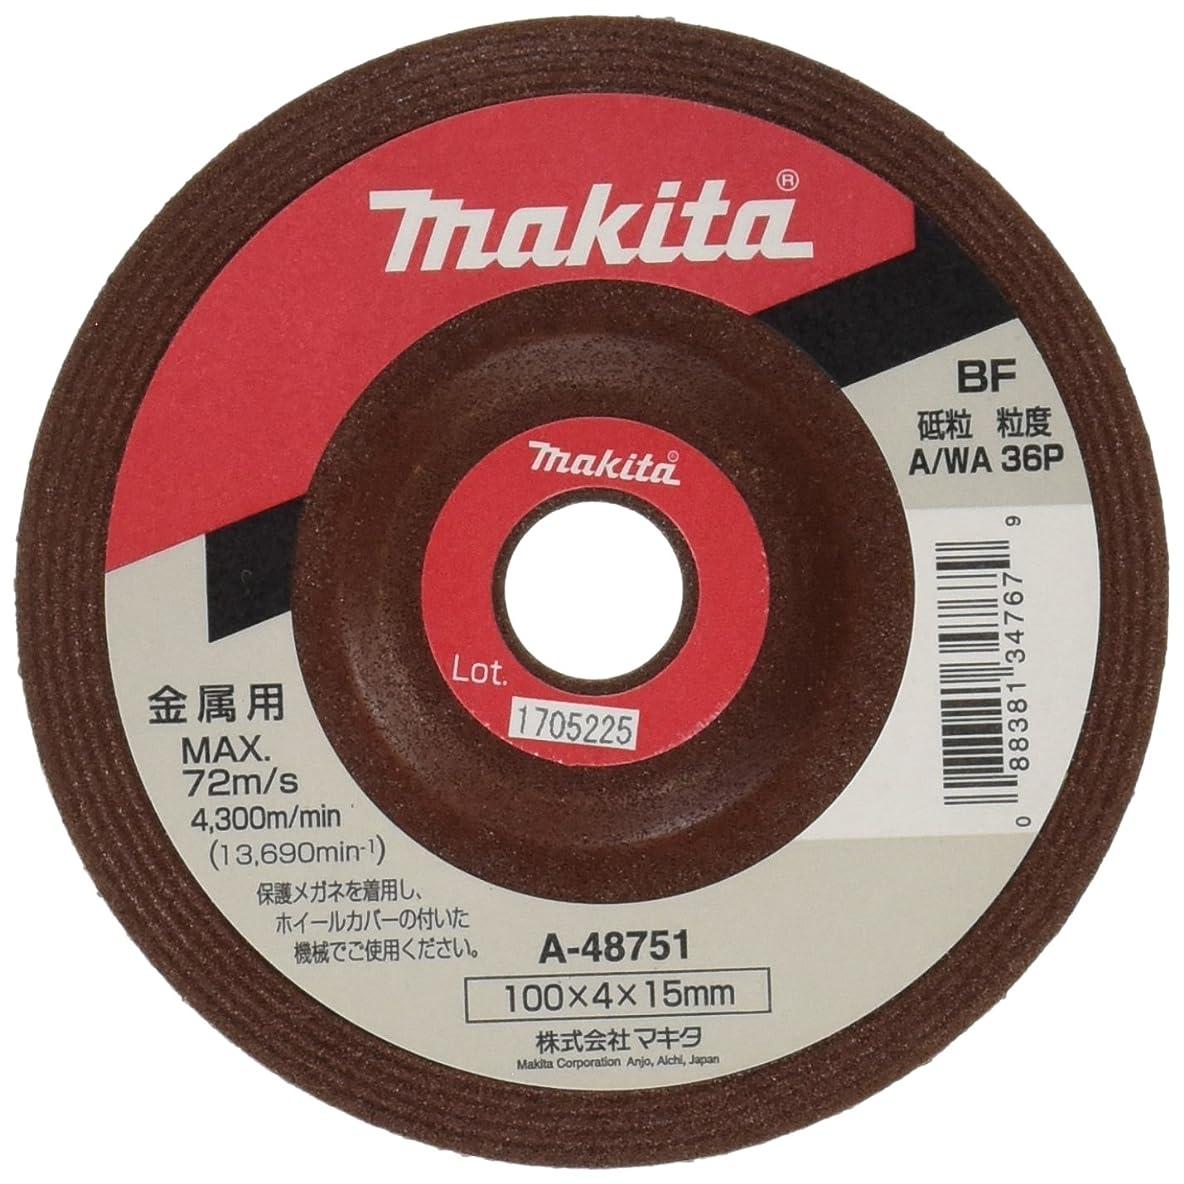 ポーズパノラマ天文学マキタ(Makita) 研削砥石(オフセット砥石) 直径100mm 粒度36P (5枚入) A-48751